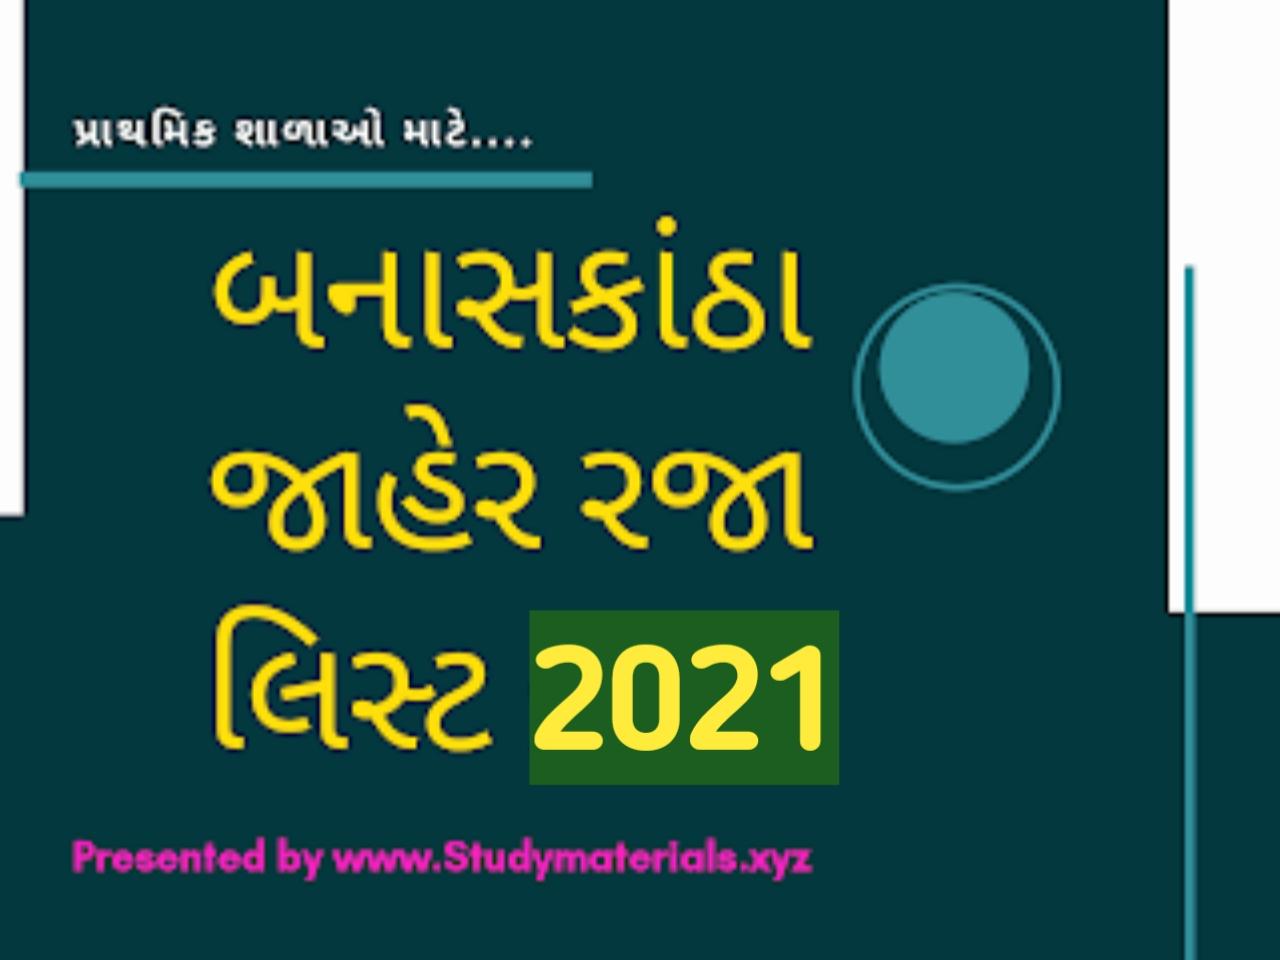 Bk jaher raja list 2021